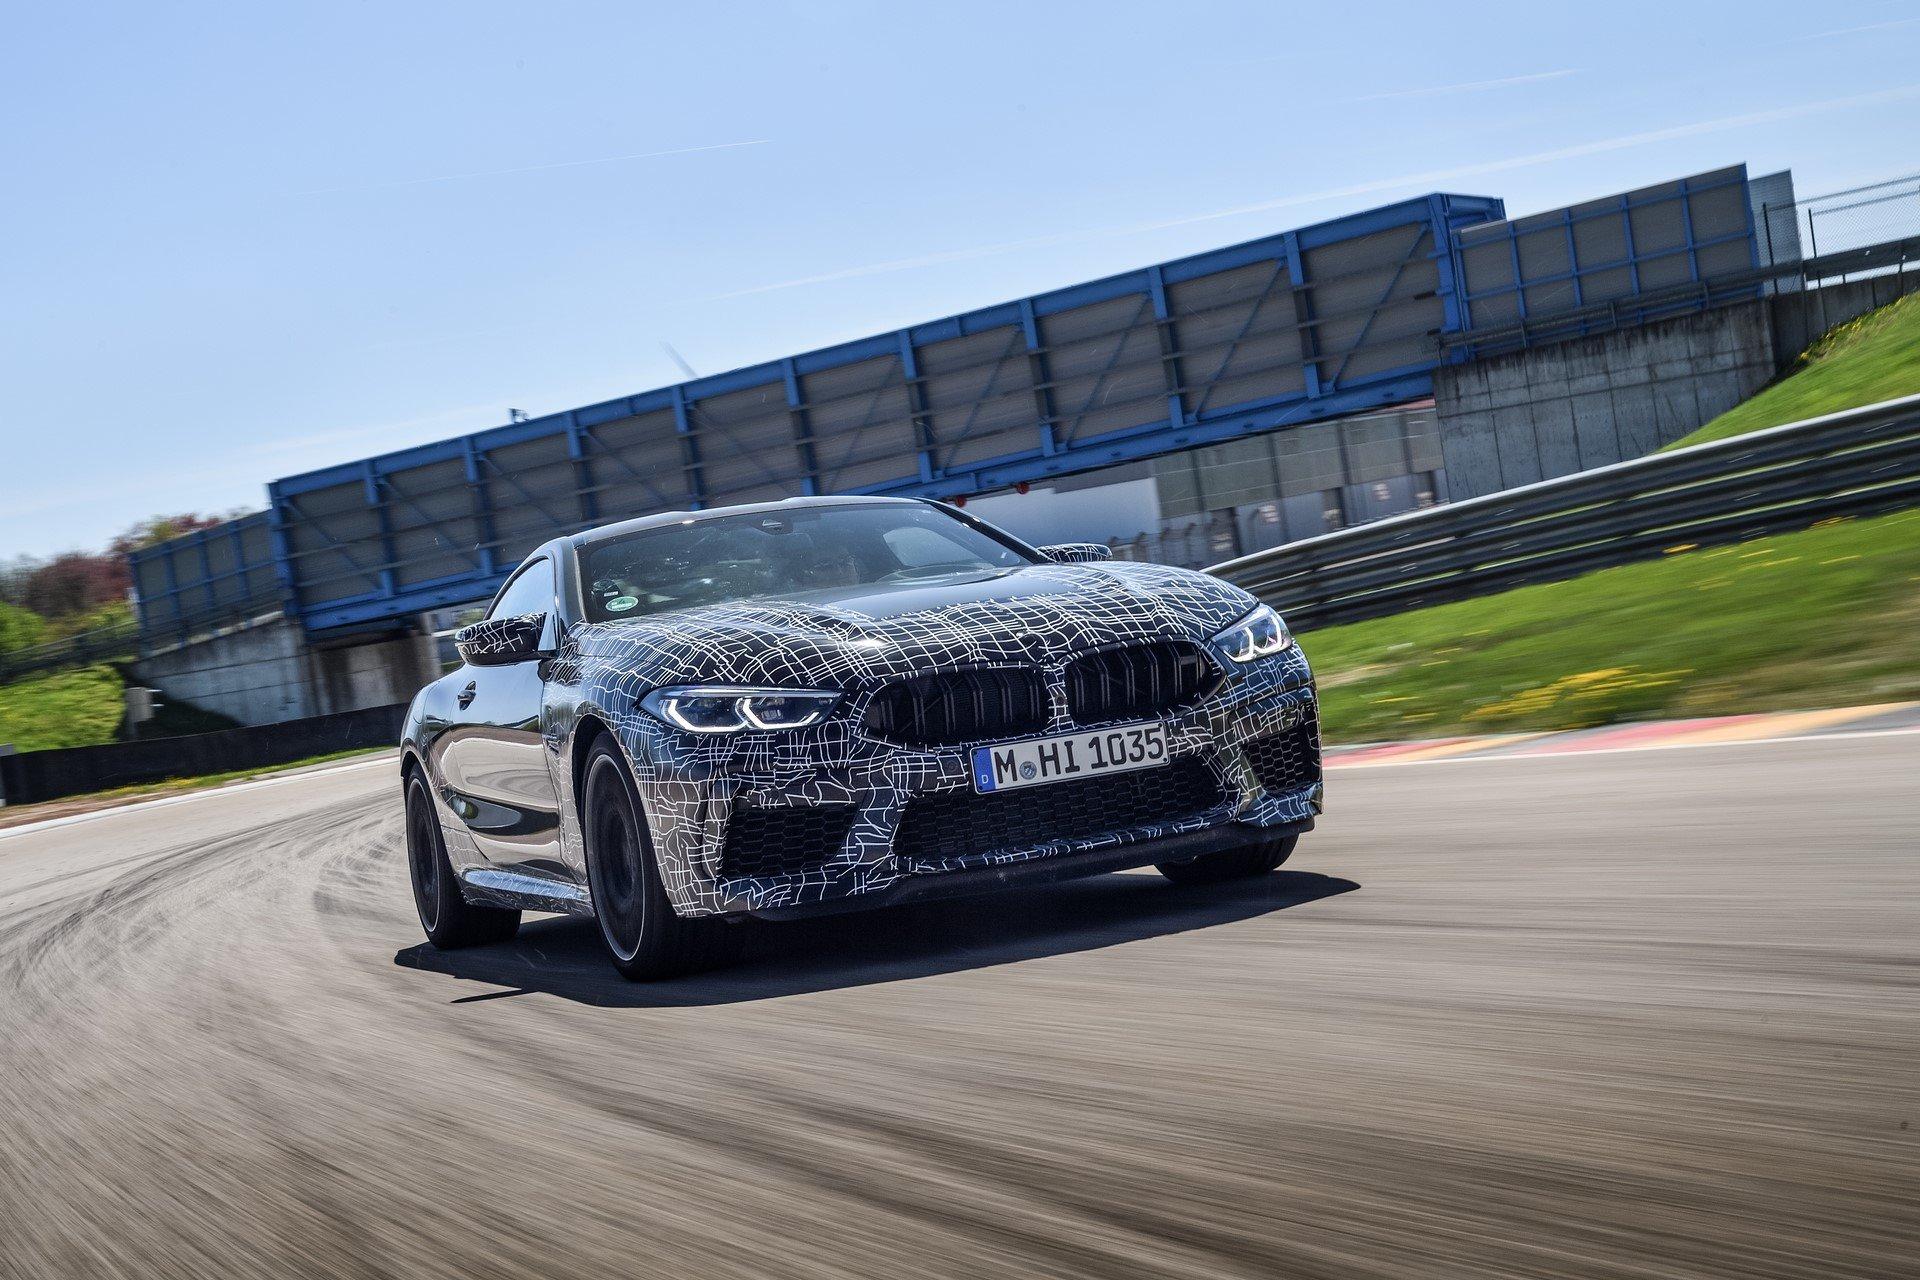 BMW-M8-spy-photos-26